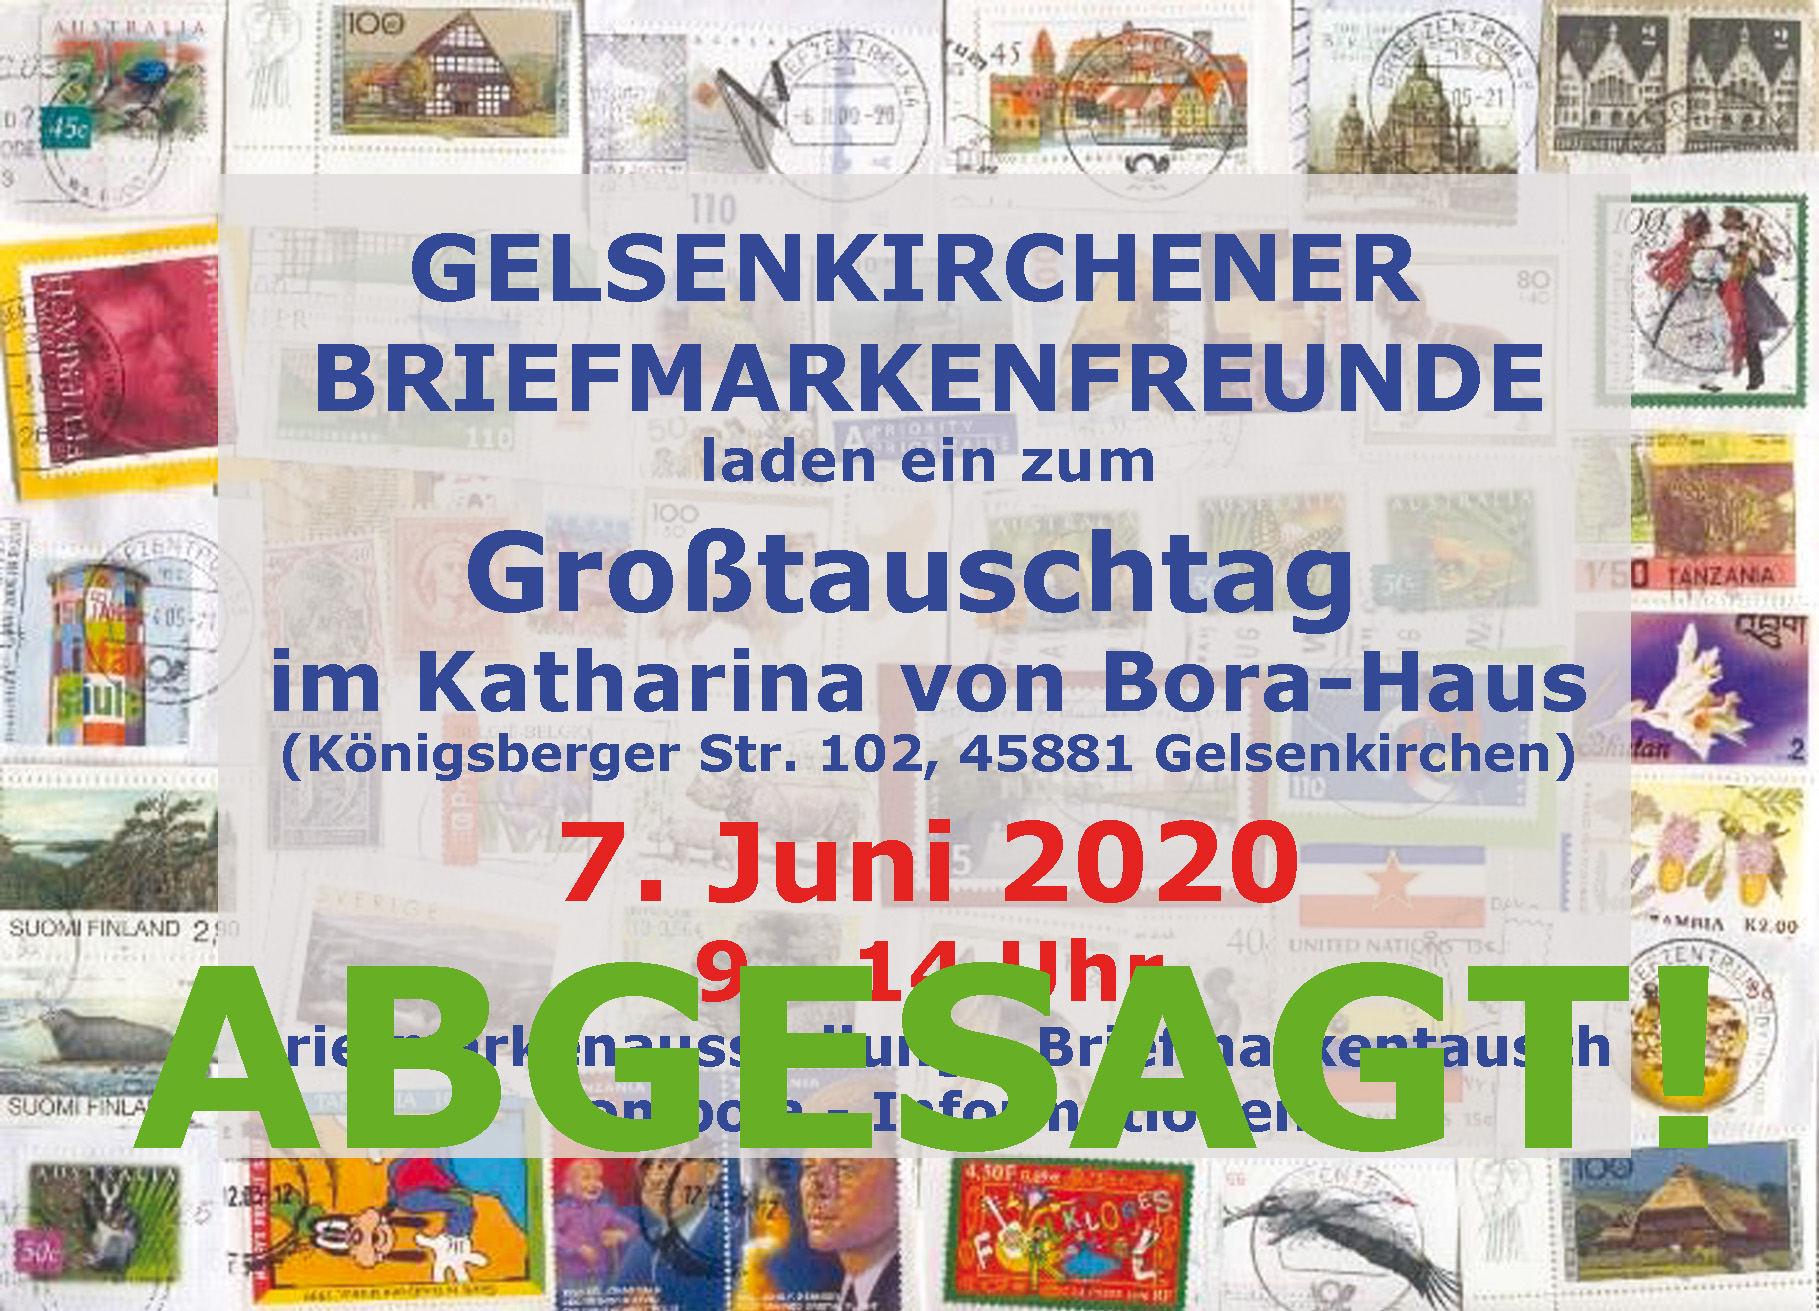 Grosstauschtag in Gelsenkirchen abgesagt